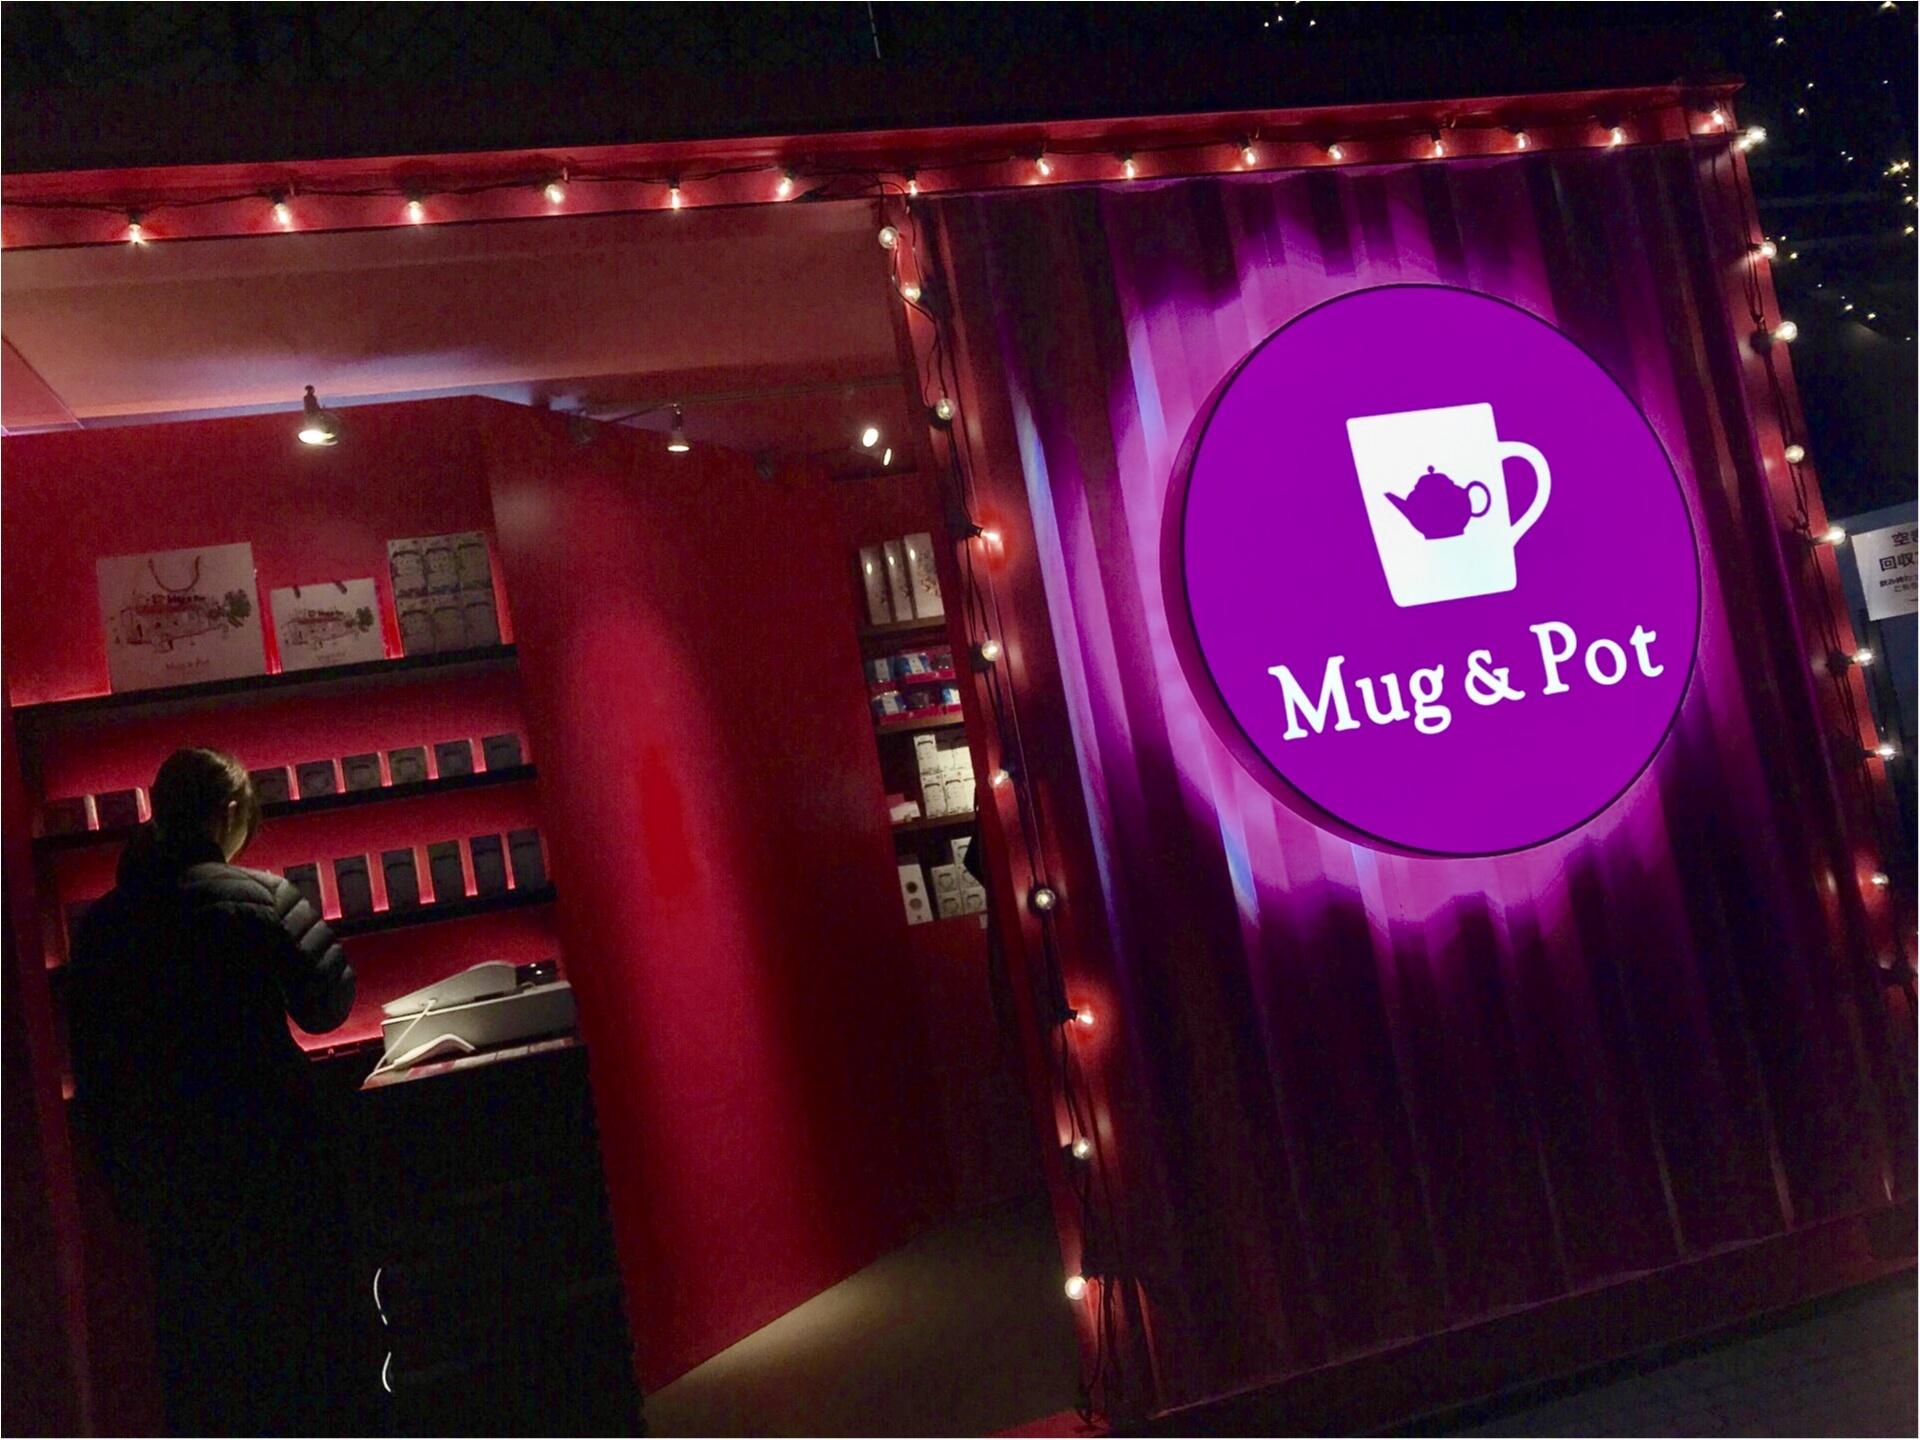 【Mug&Pot】クリスマス限定!映え度抜群❤︎台湾茶のポップアップカフェがオープン♡_2